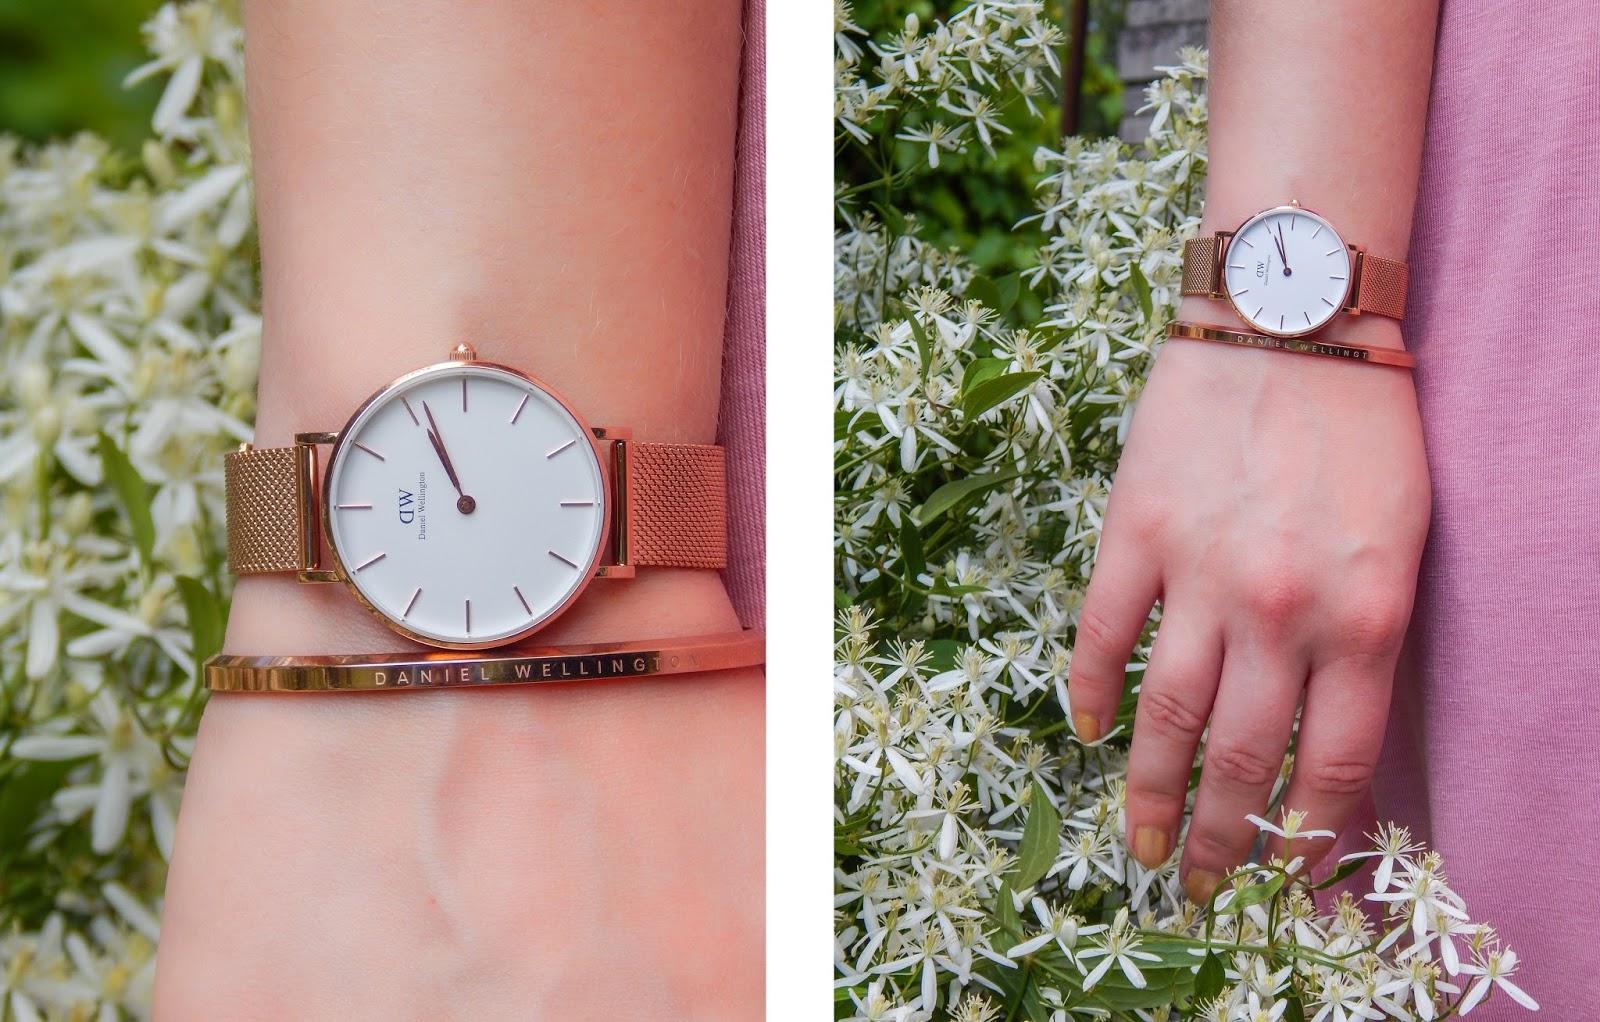 6 długa sukienka maxi hiszpanka wakacyjna stylizacja sandały z pomponami kolorowymi zegarek i bransoletka daniel wellington ogród botaniczny stylizacja modna polka-horz